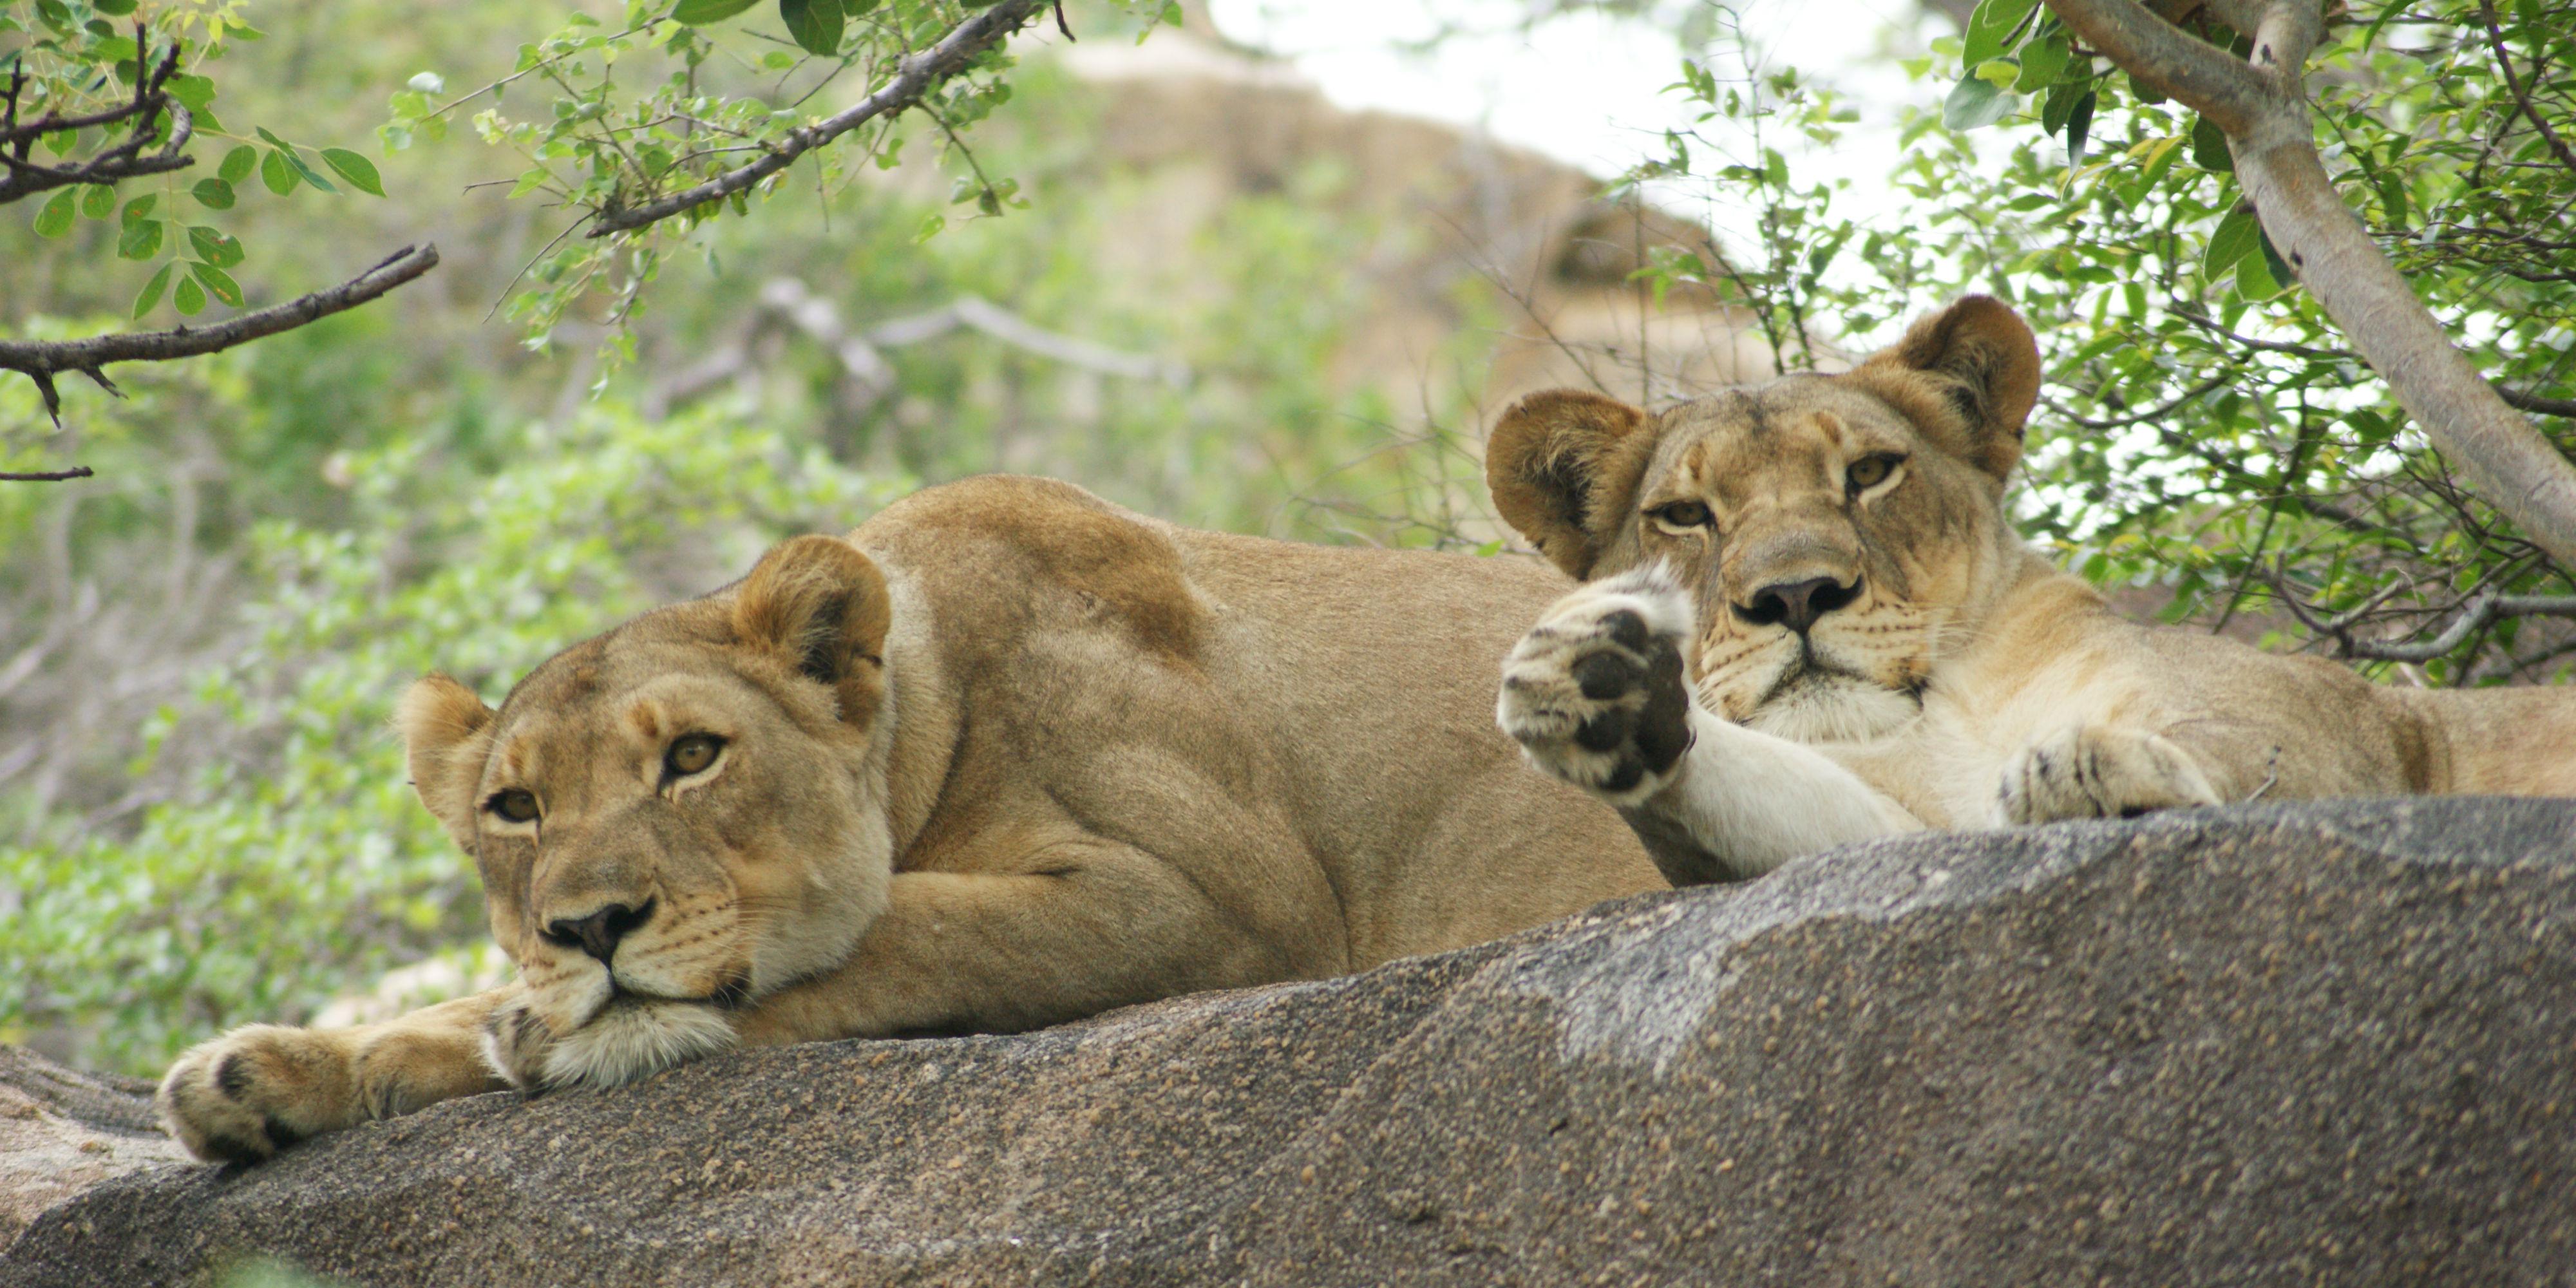 wildlife conservation internships